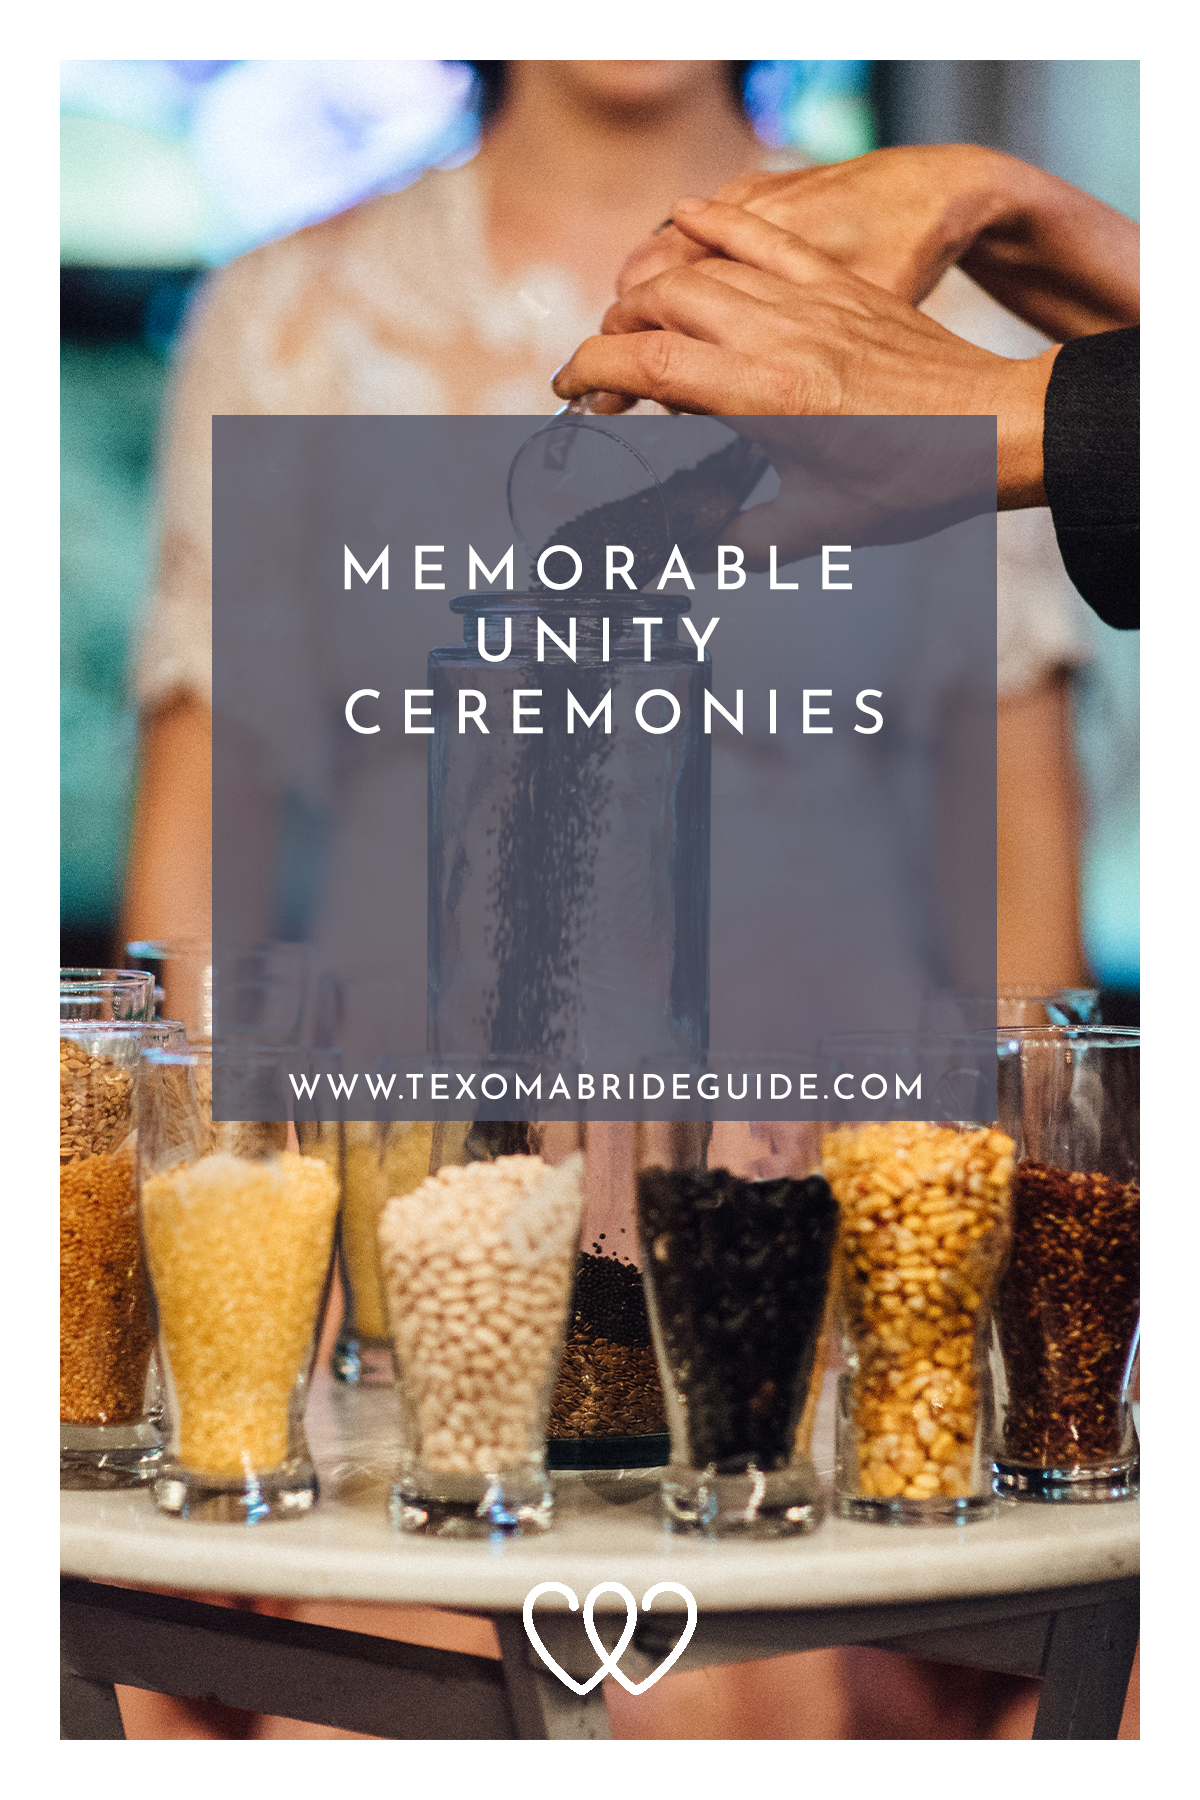 Memorable Unity Ceremonies   Texoma Bride Guide Blog